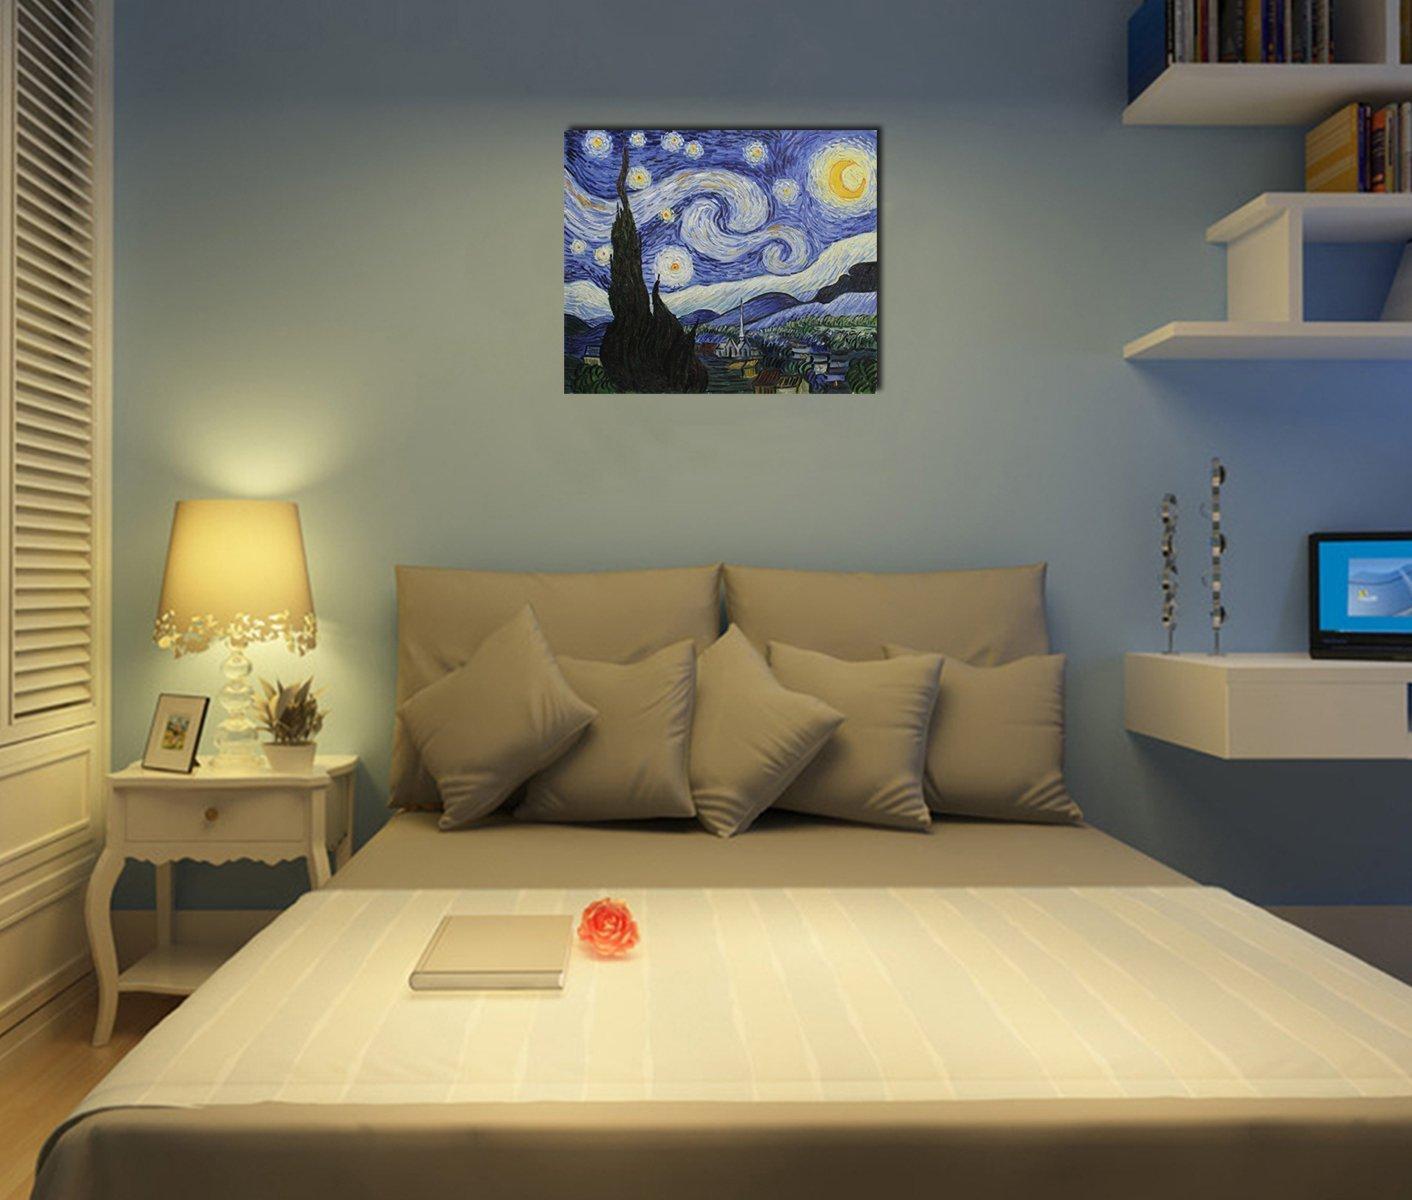 50x60cm Tela riproduzione del classico cielo stellato di Vincent Van Gogh Pittura a olio su tela pronta da appendere al muro Fokenzary gi/à incorniciata